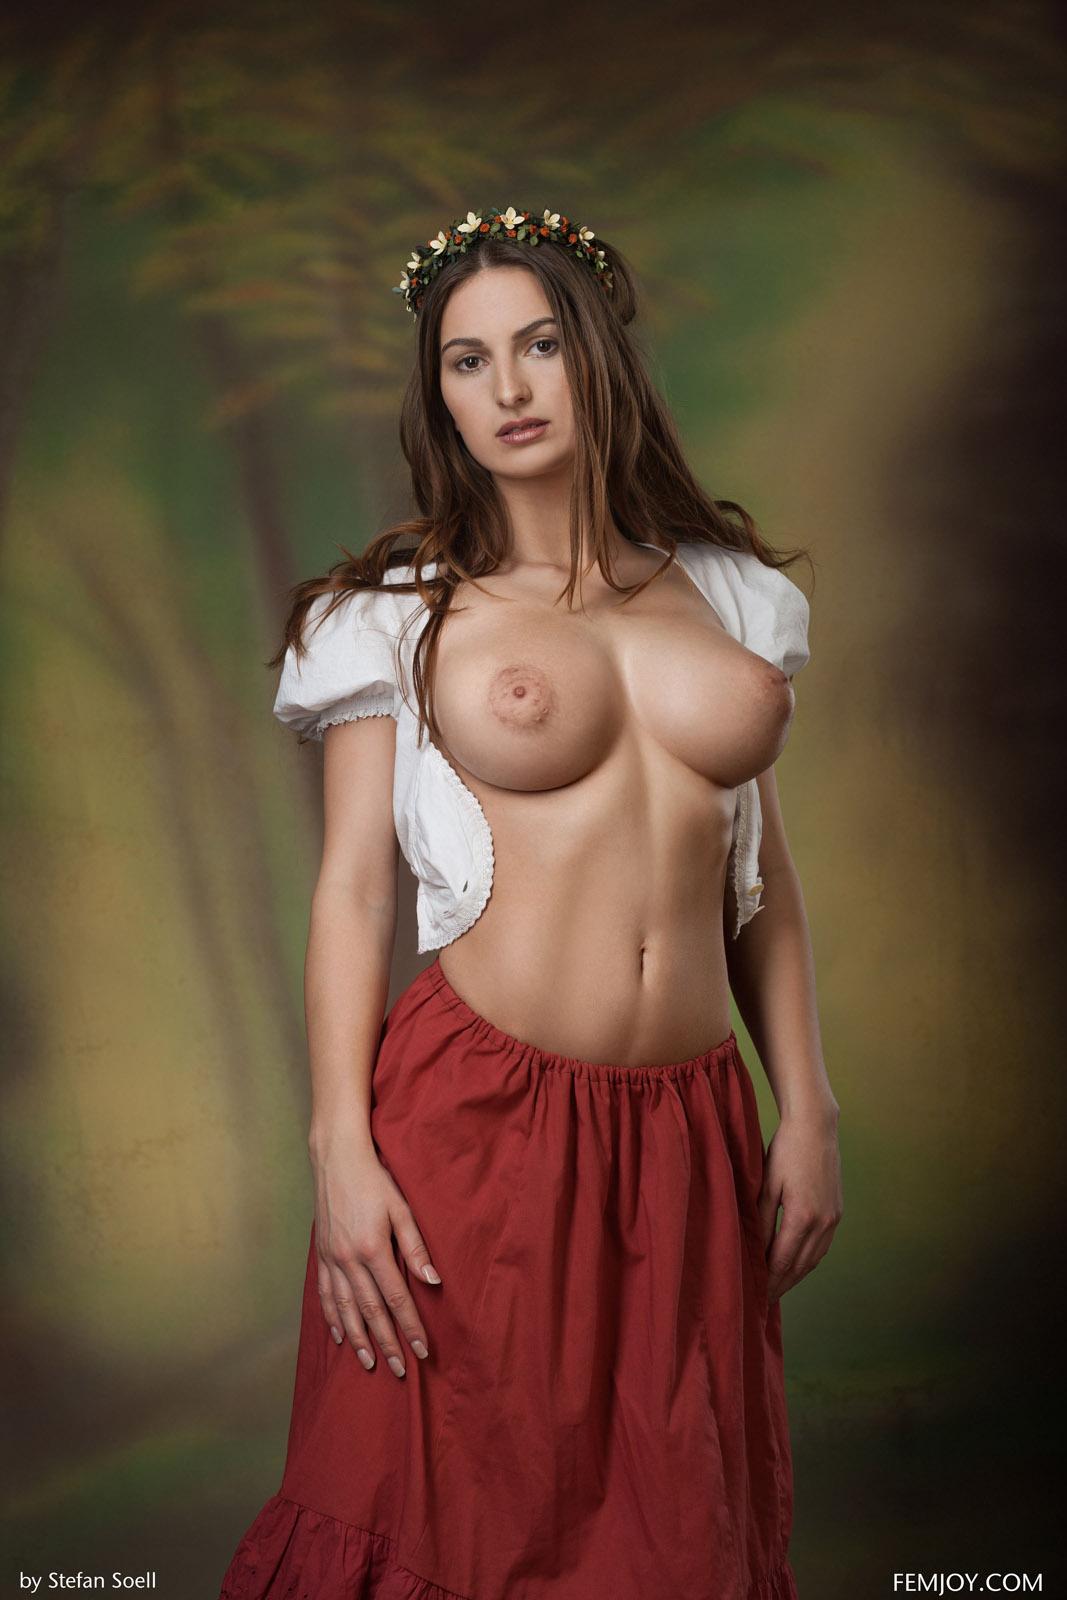 Nude beauty busty